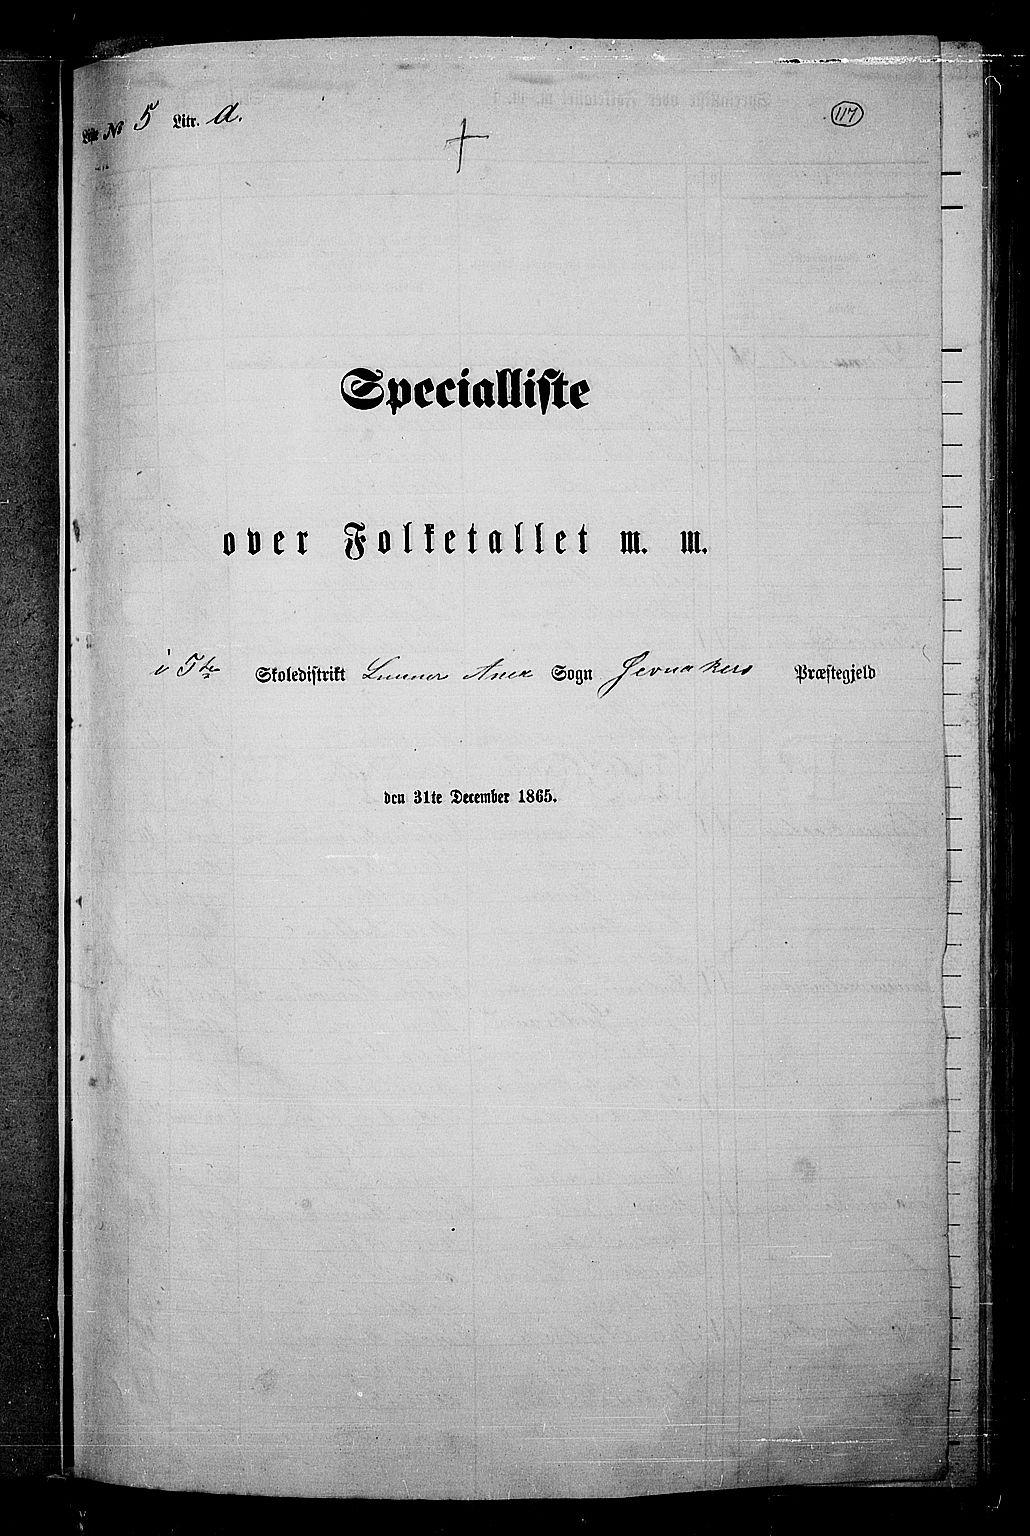 RA, Folketelling 1865 for 0532P Jevnaker prestegjeld, 1865, s. 111